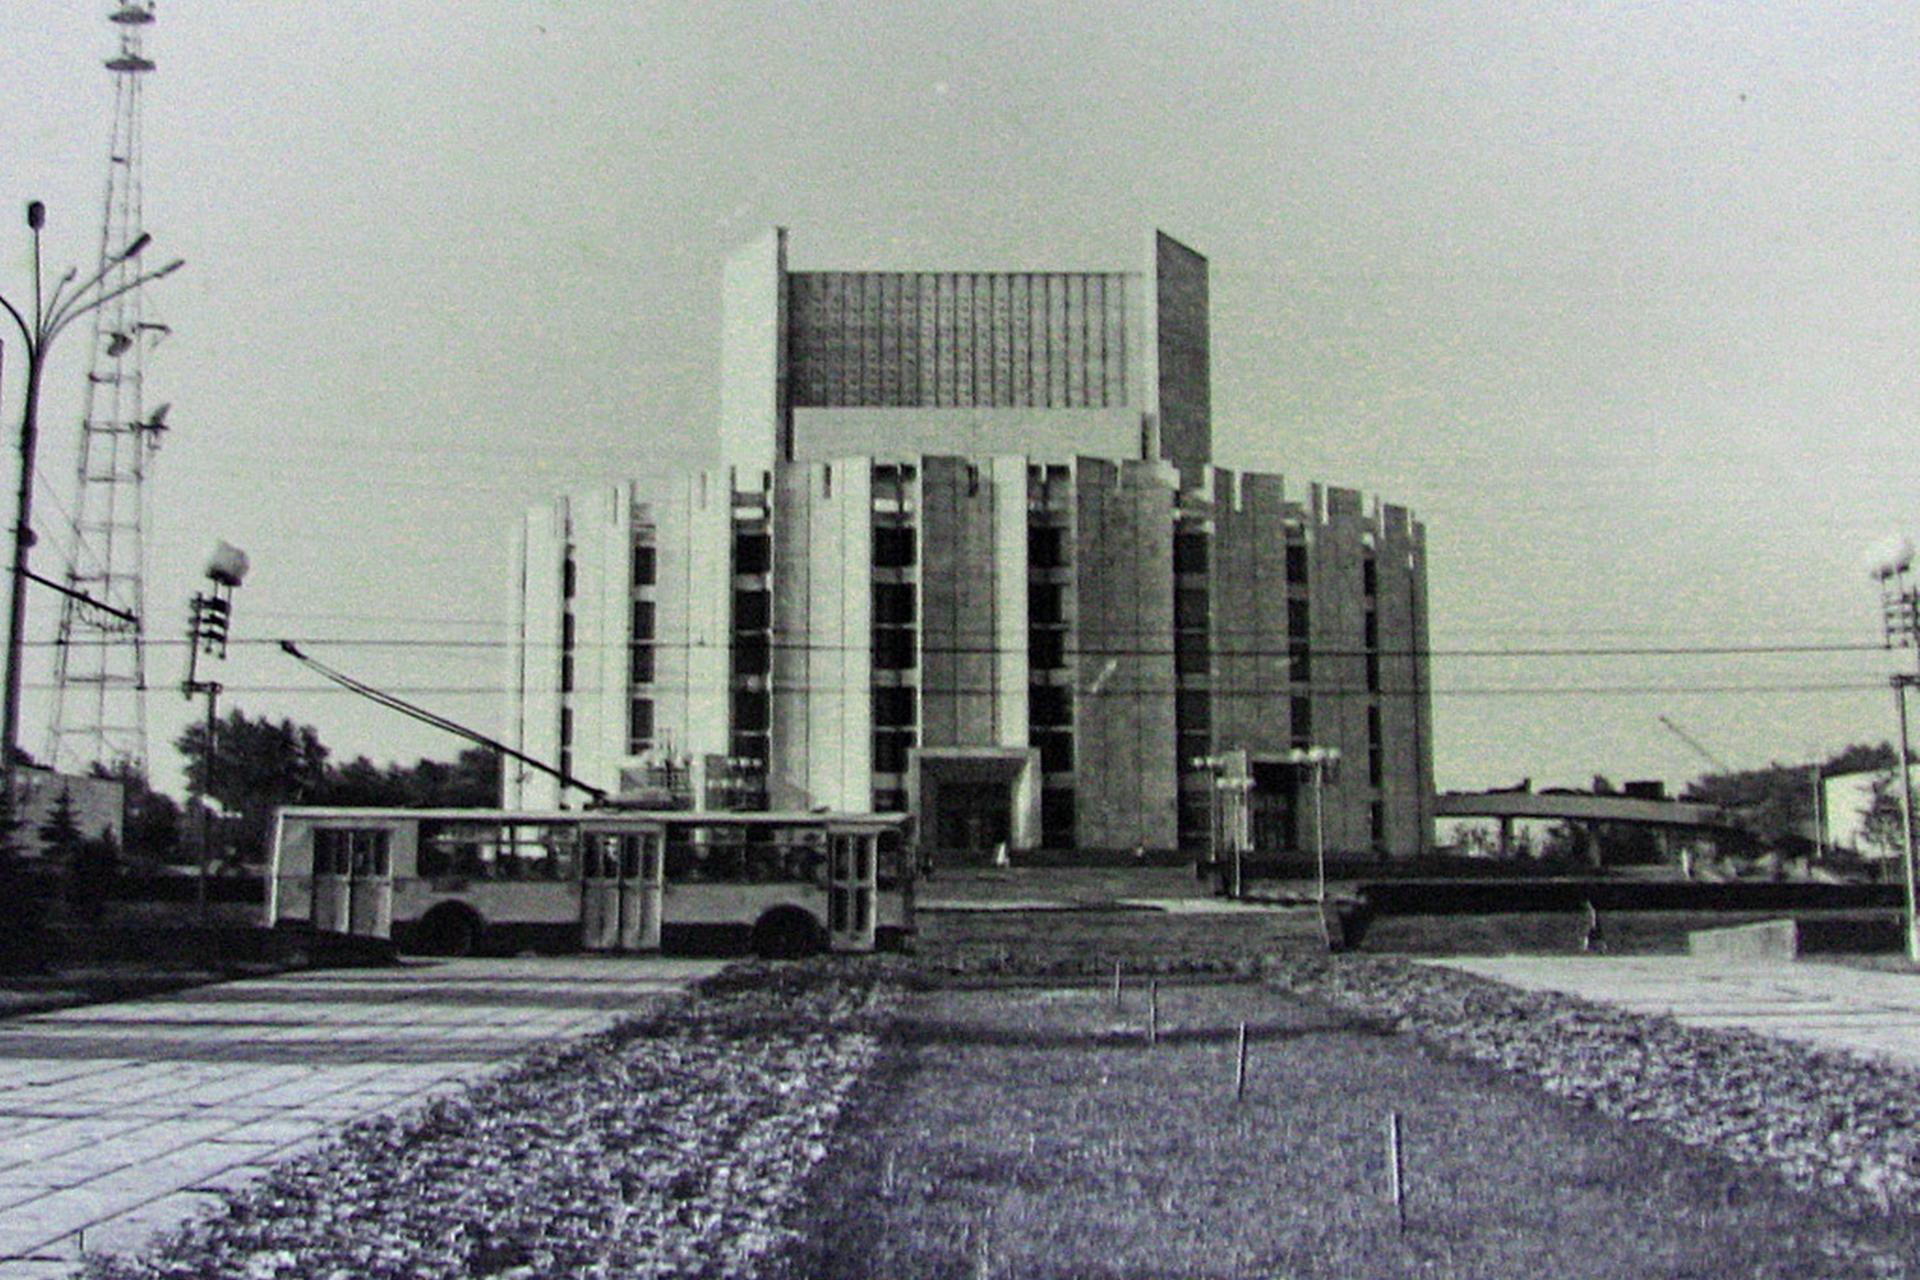 Это здание строилось почти 10 лет (с 1973 по 1982 год). Оно завершило архитектурный ансамбль глав